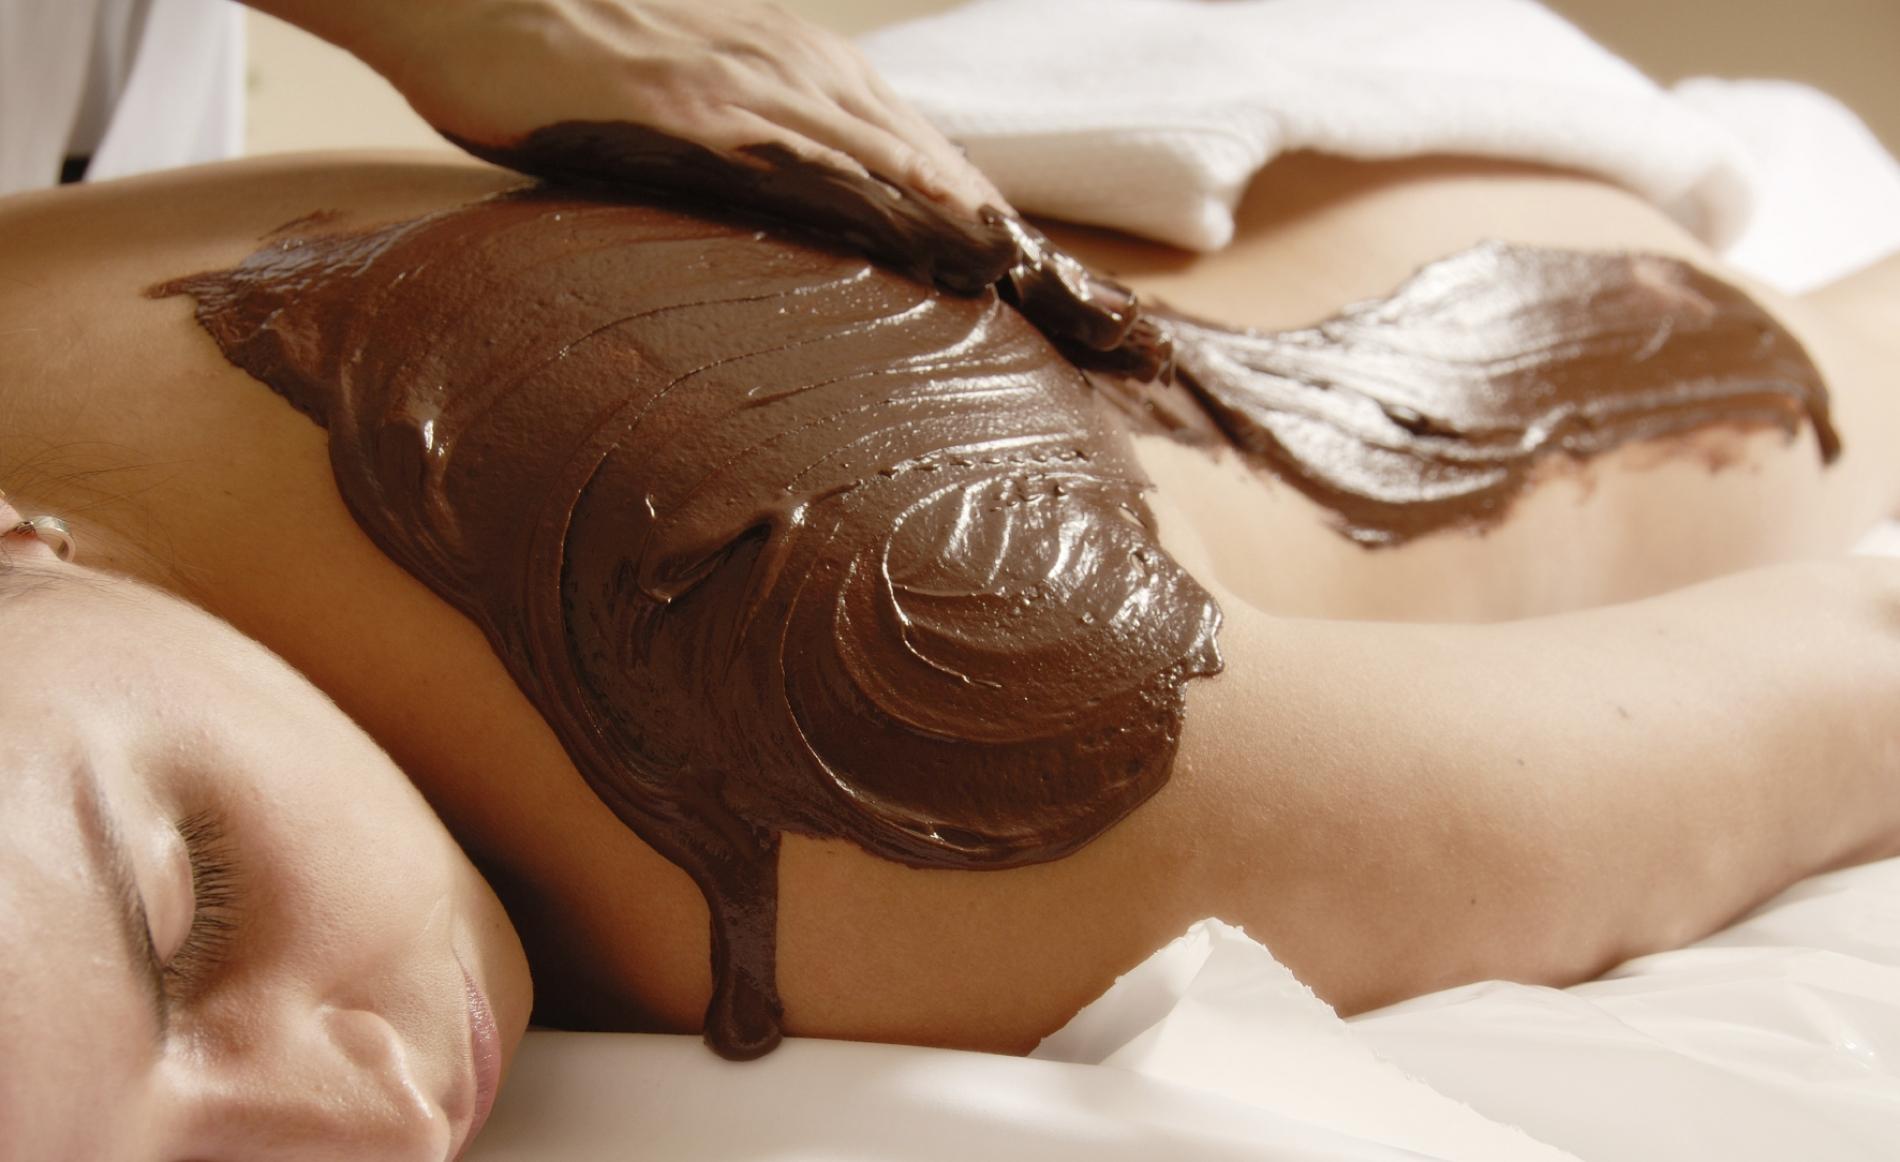 gran massage hot chocolate massage